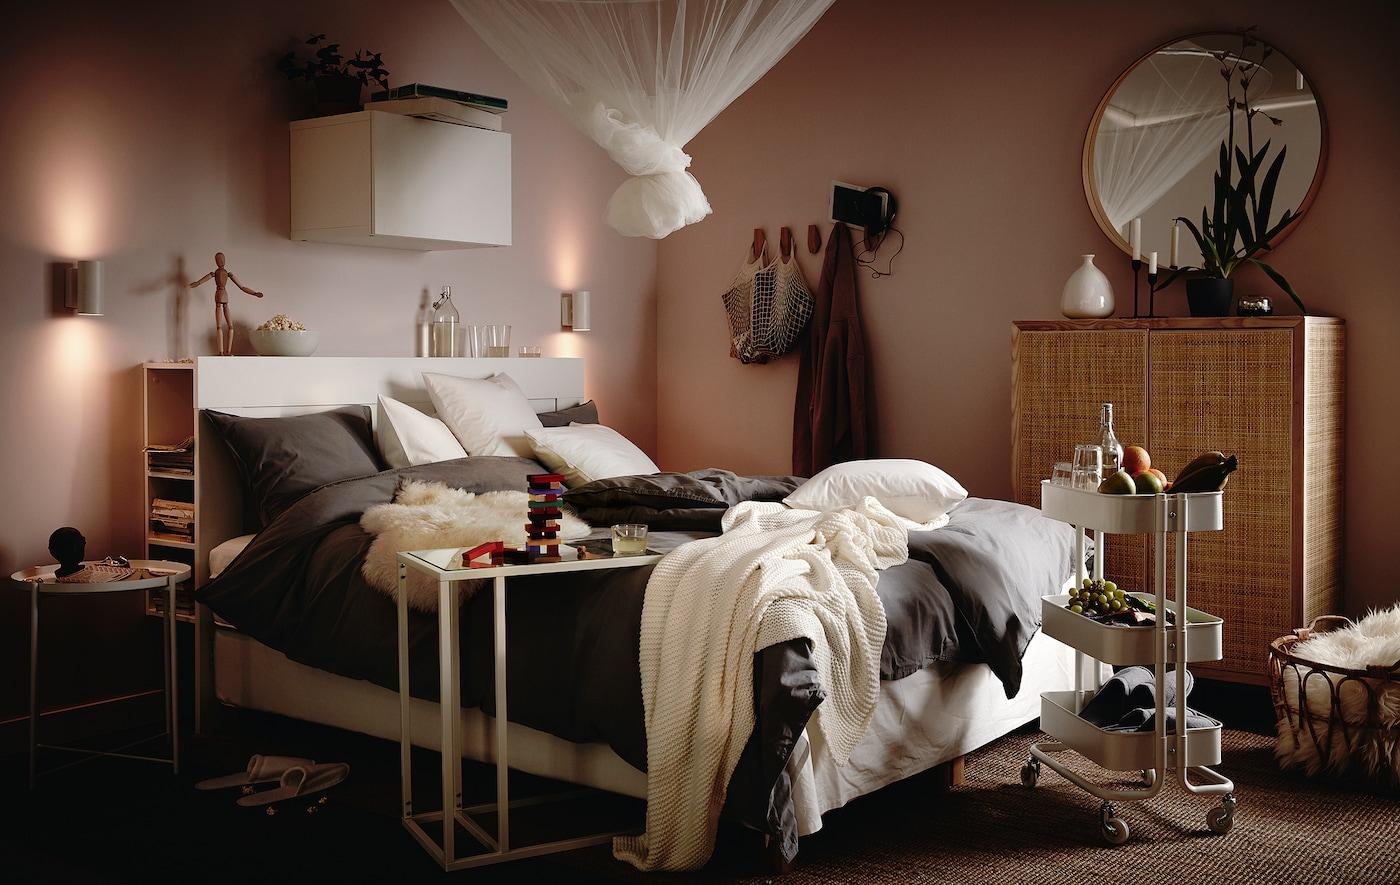 Krevet namešten vazdušastom krevetninom, jastučićima i ćebićima, kolica s hranom i pićem, mreža u čvoru, okačena iznad.